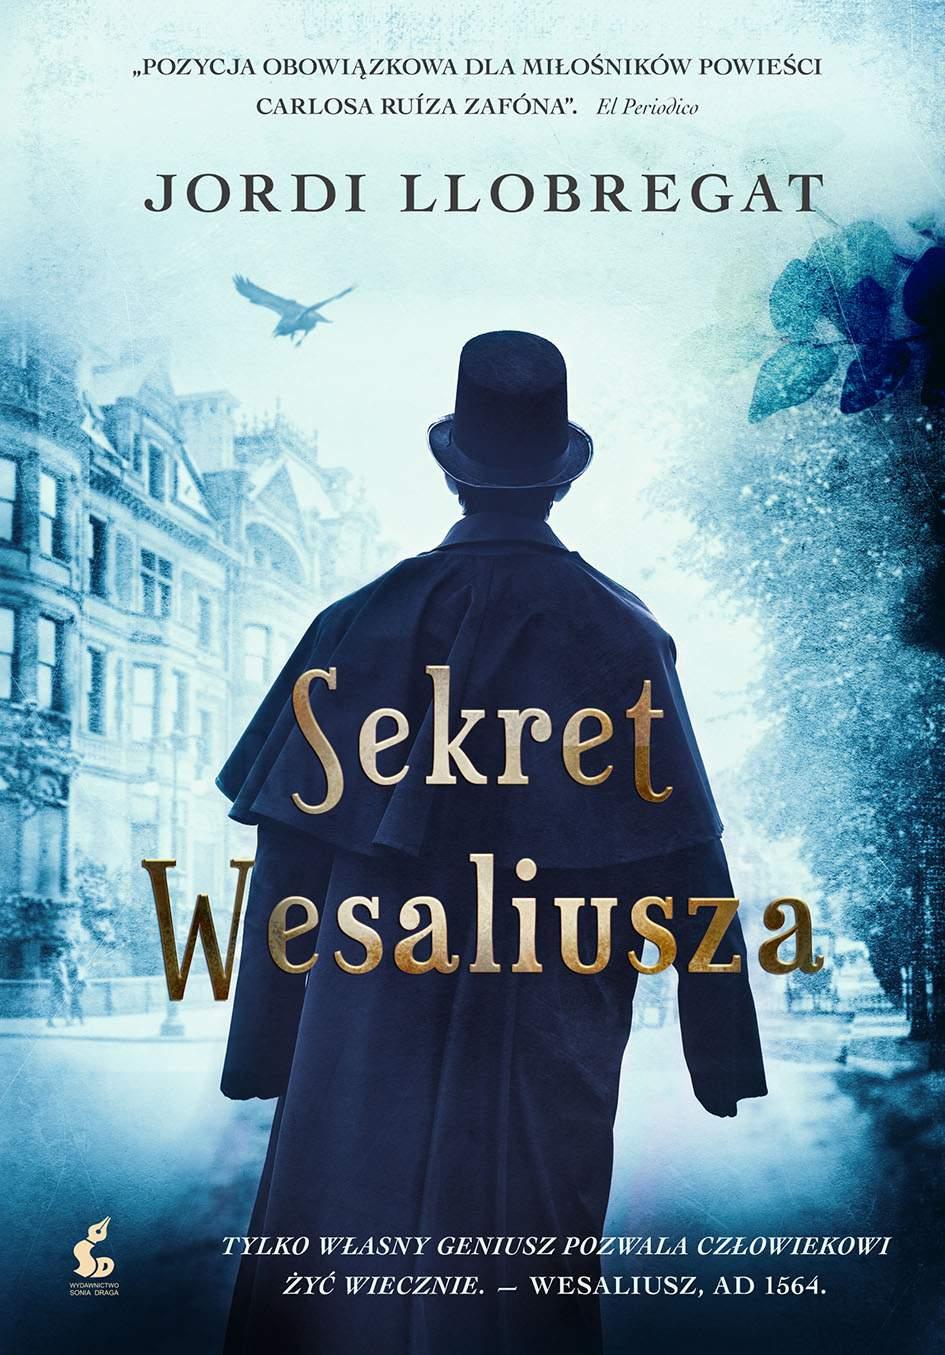 Sekret Wesaliusza - Ebook (Książka na Kindle) do pobrania w formacie MOBI